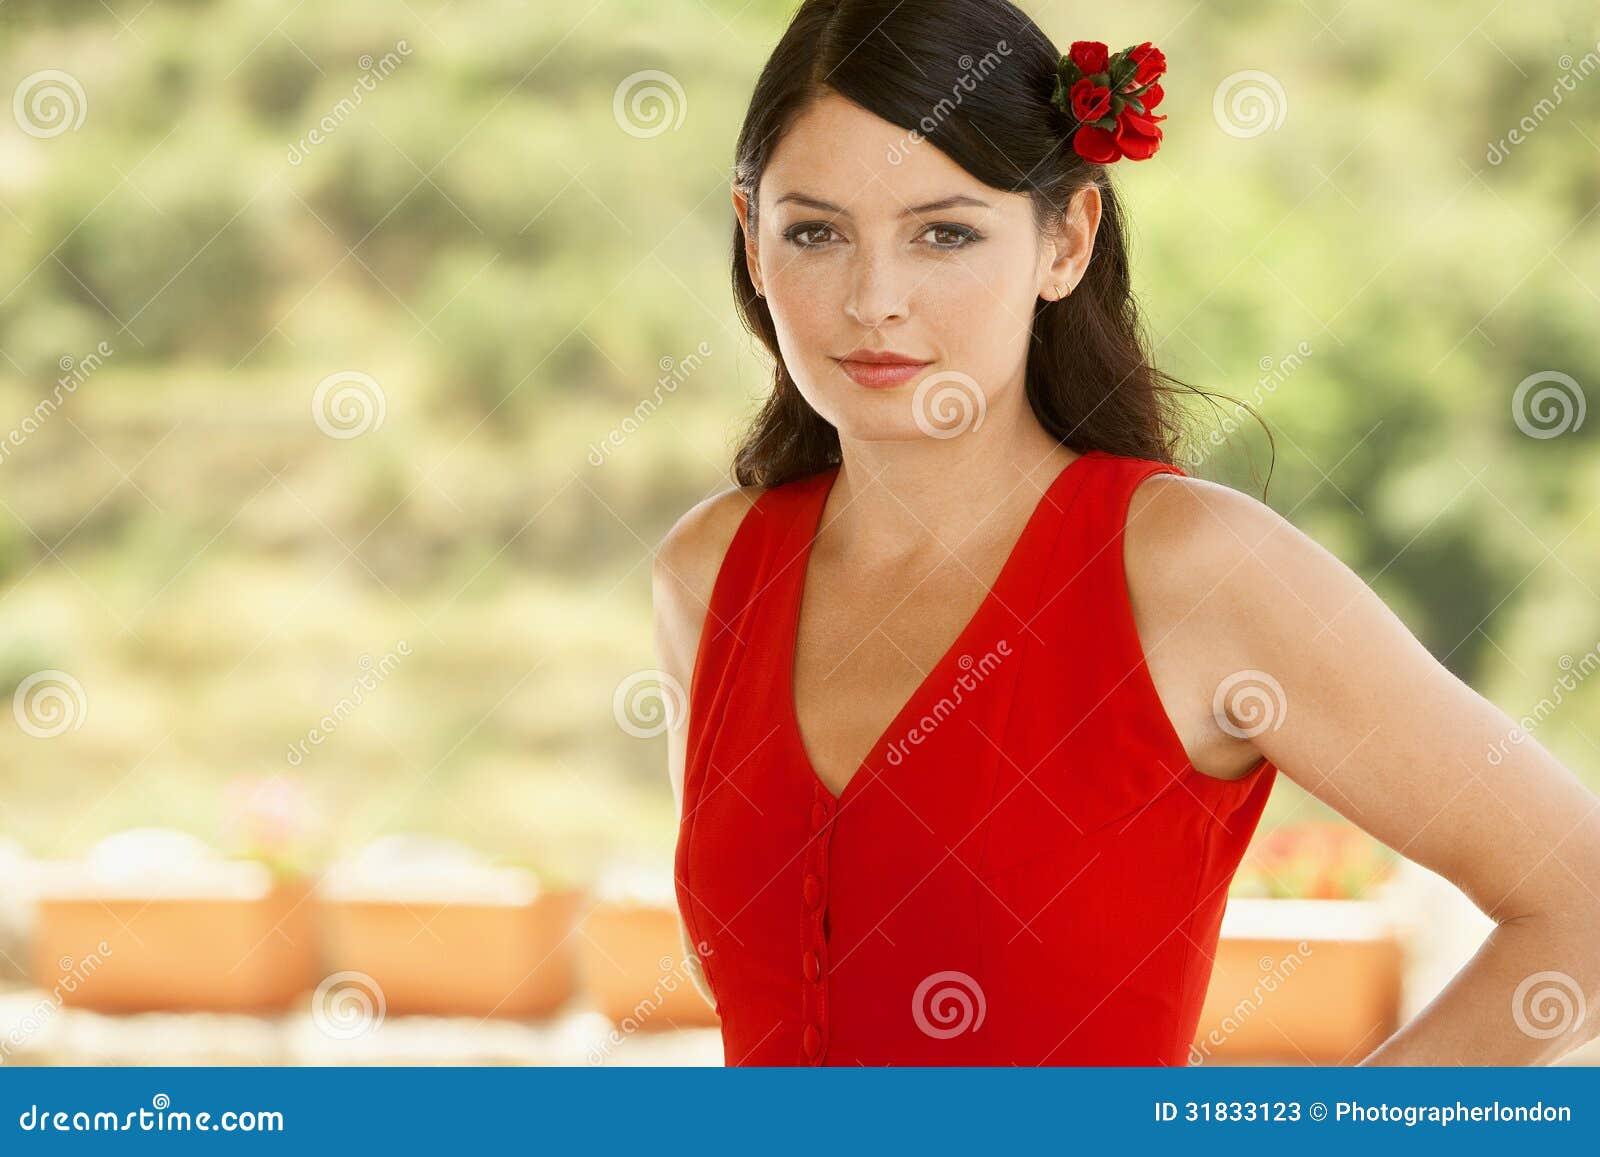 femme dans la robe rouge avec la fleur dans les cheveux image stock image du hispanique. Black Bedroom Furniture Sets. Home Design Ideas